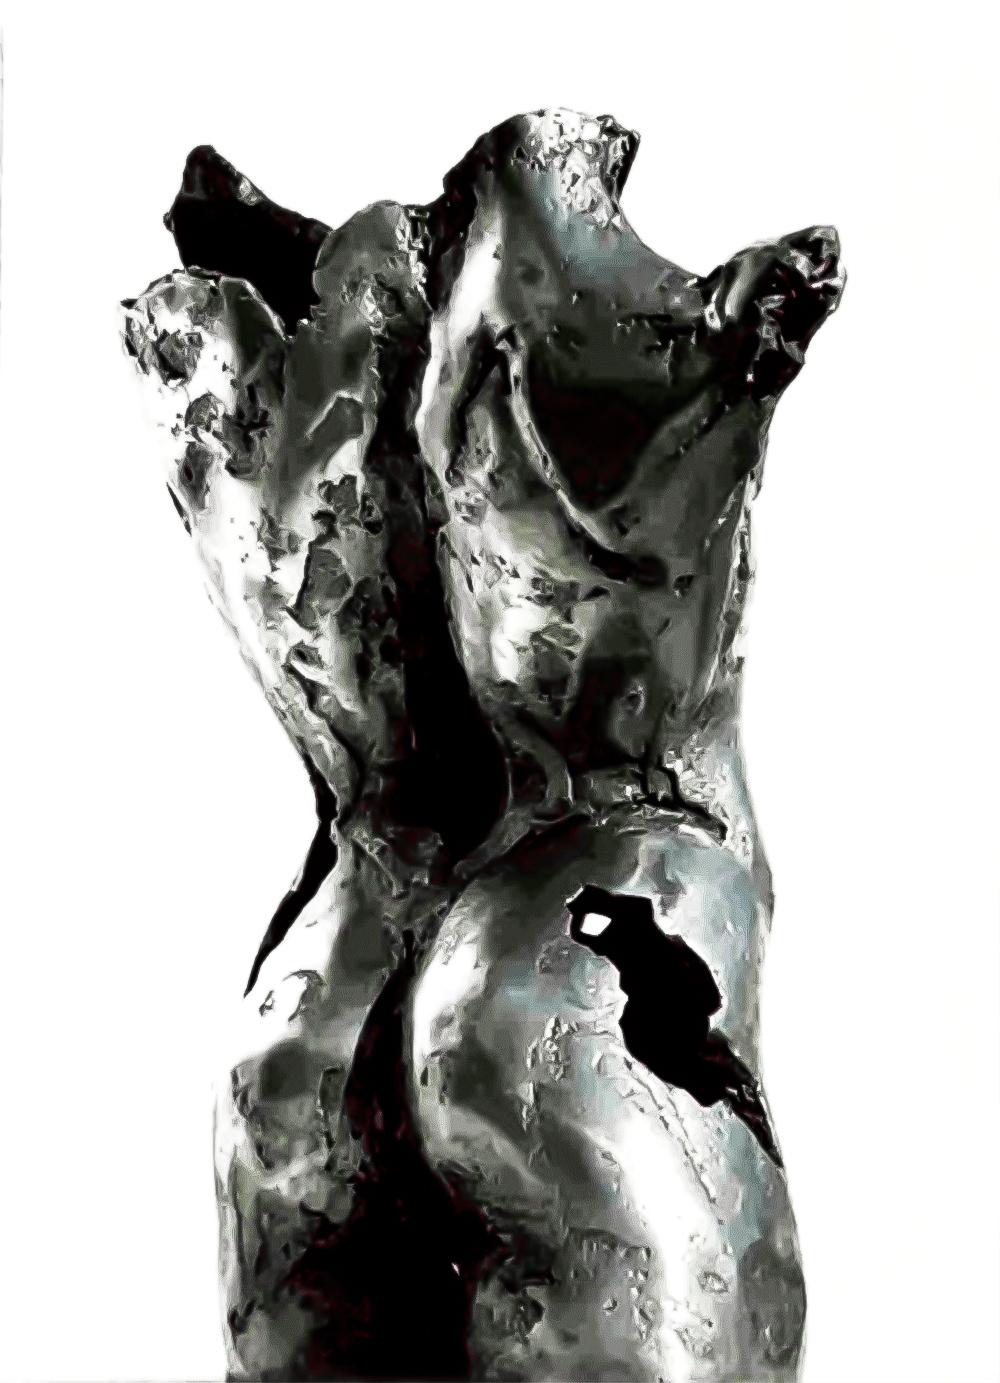 Escultura-Torso-Masculino-Aluminio-B-C.Danone-RD.Escultor